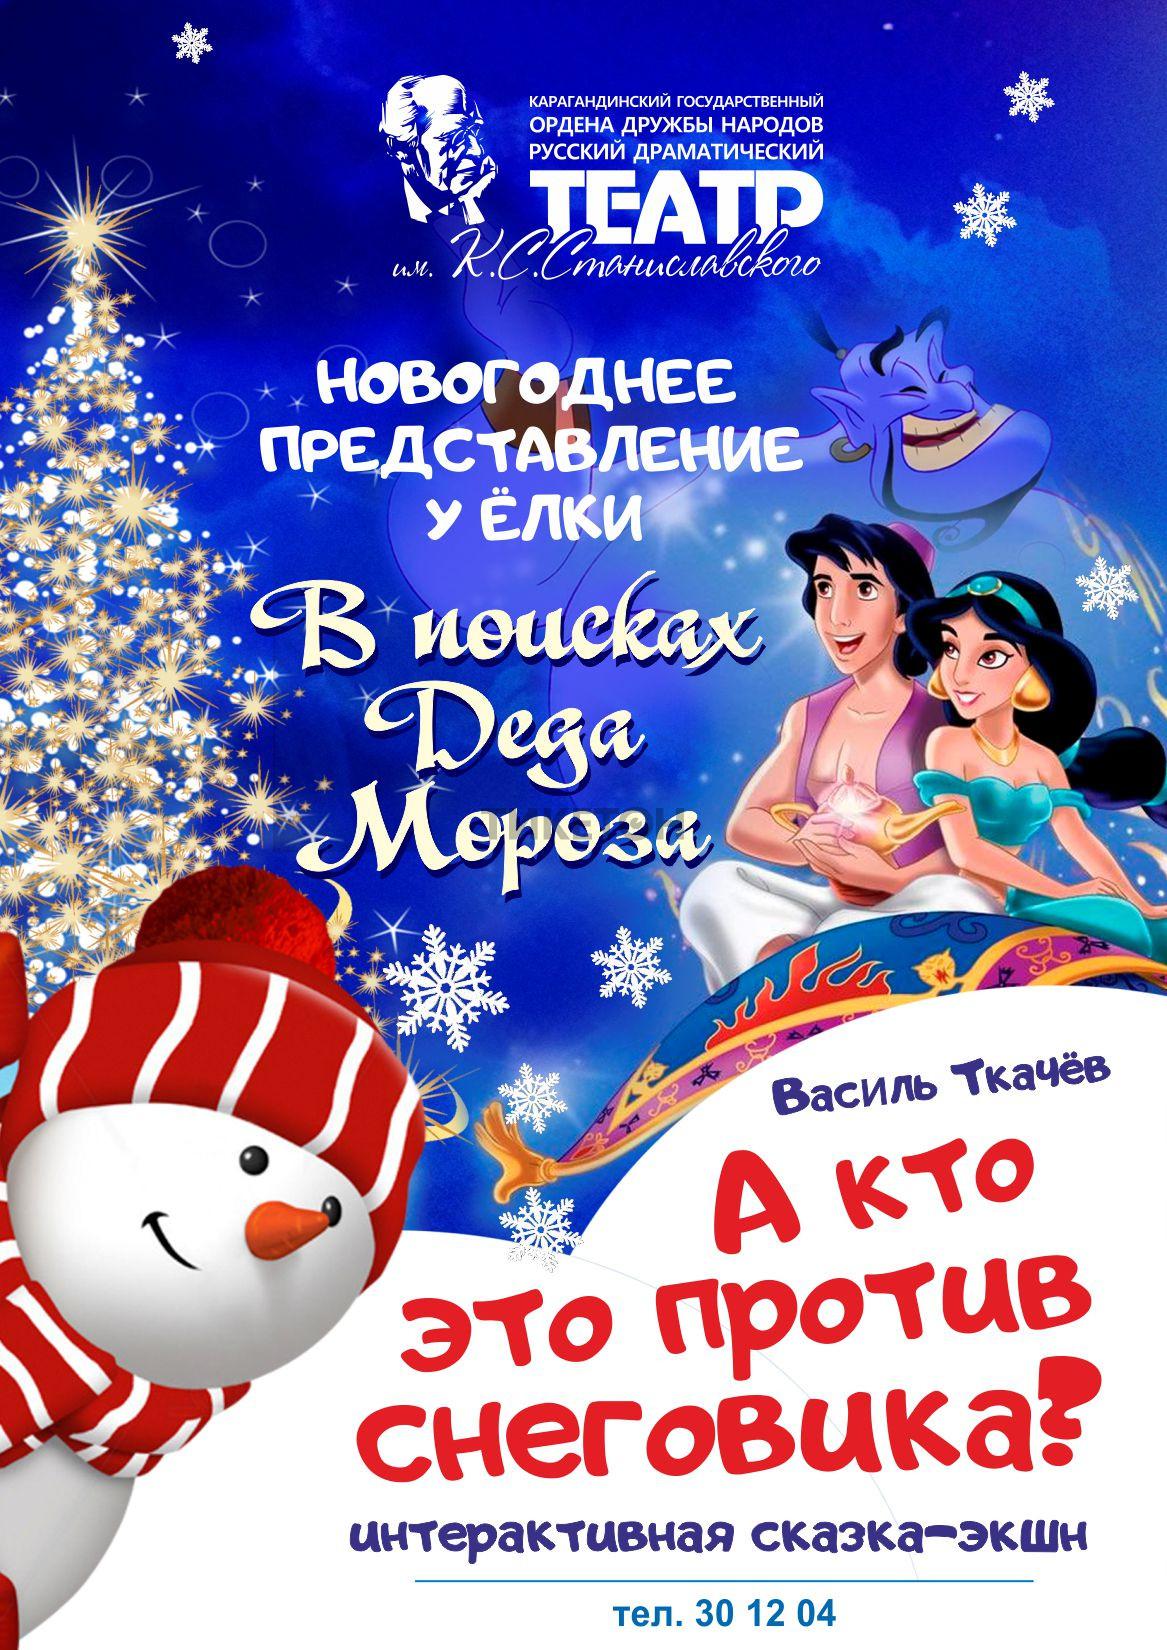 novogodnee-predstavlenie-u-yelki-v-poiskakh-deda-moroza